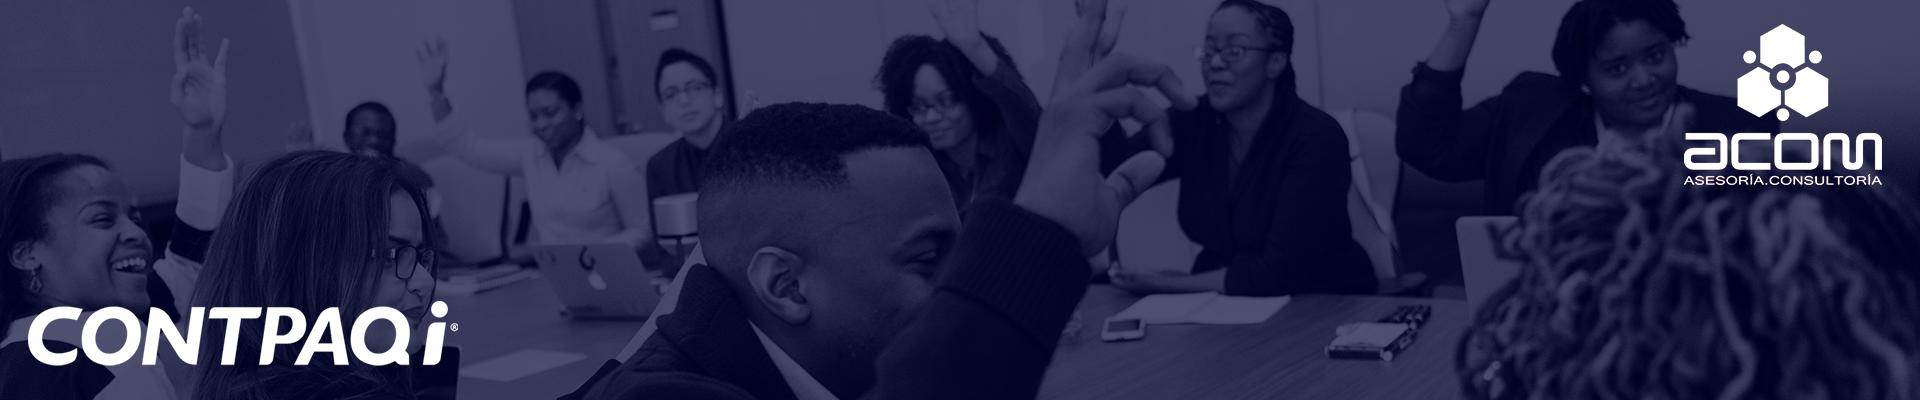 Cómo impulsar el crecimiento de mi negocio en un año de desafíos. 21 febrero 2019